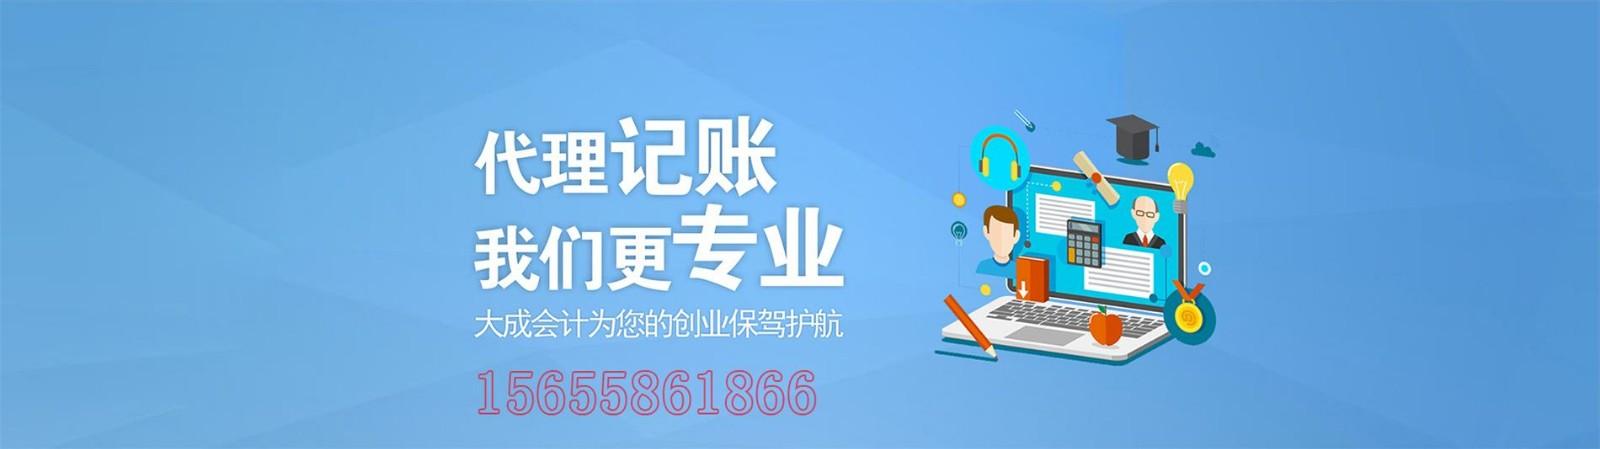 阜阳公司注册-企业公司注销登记-代理记账-免费代办营业执照收费标准-安徽大成